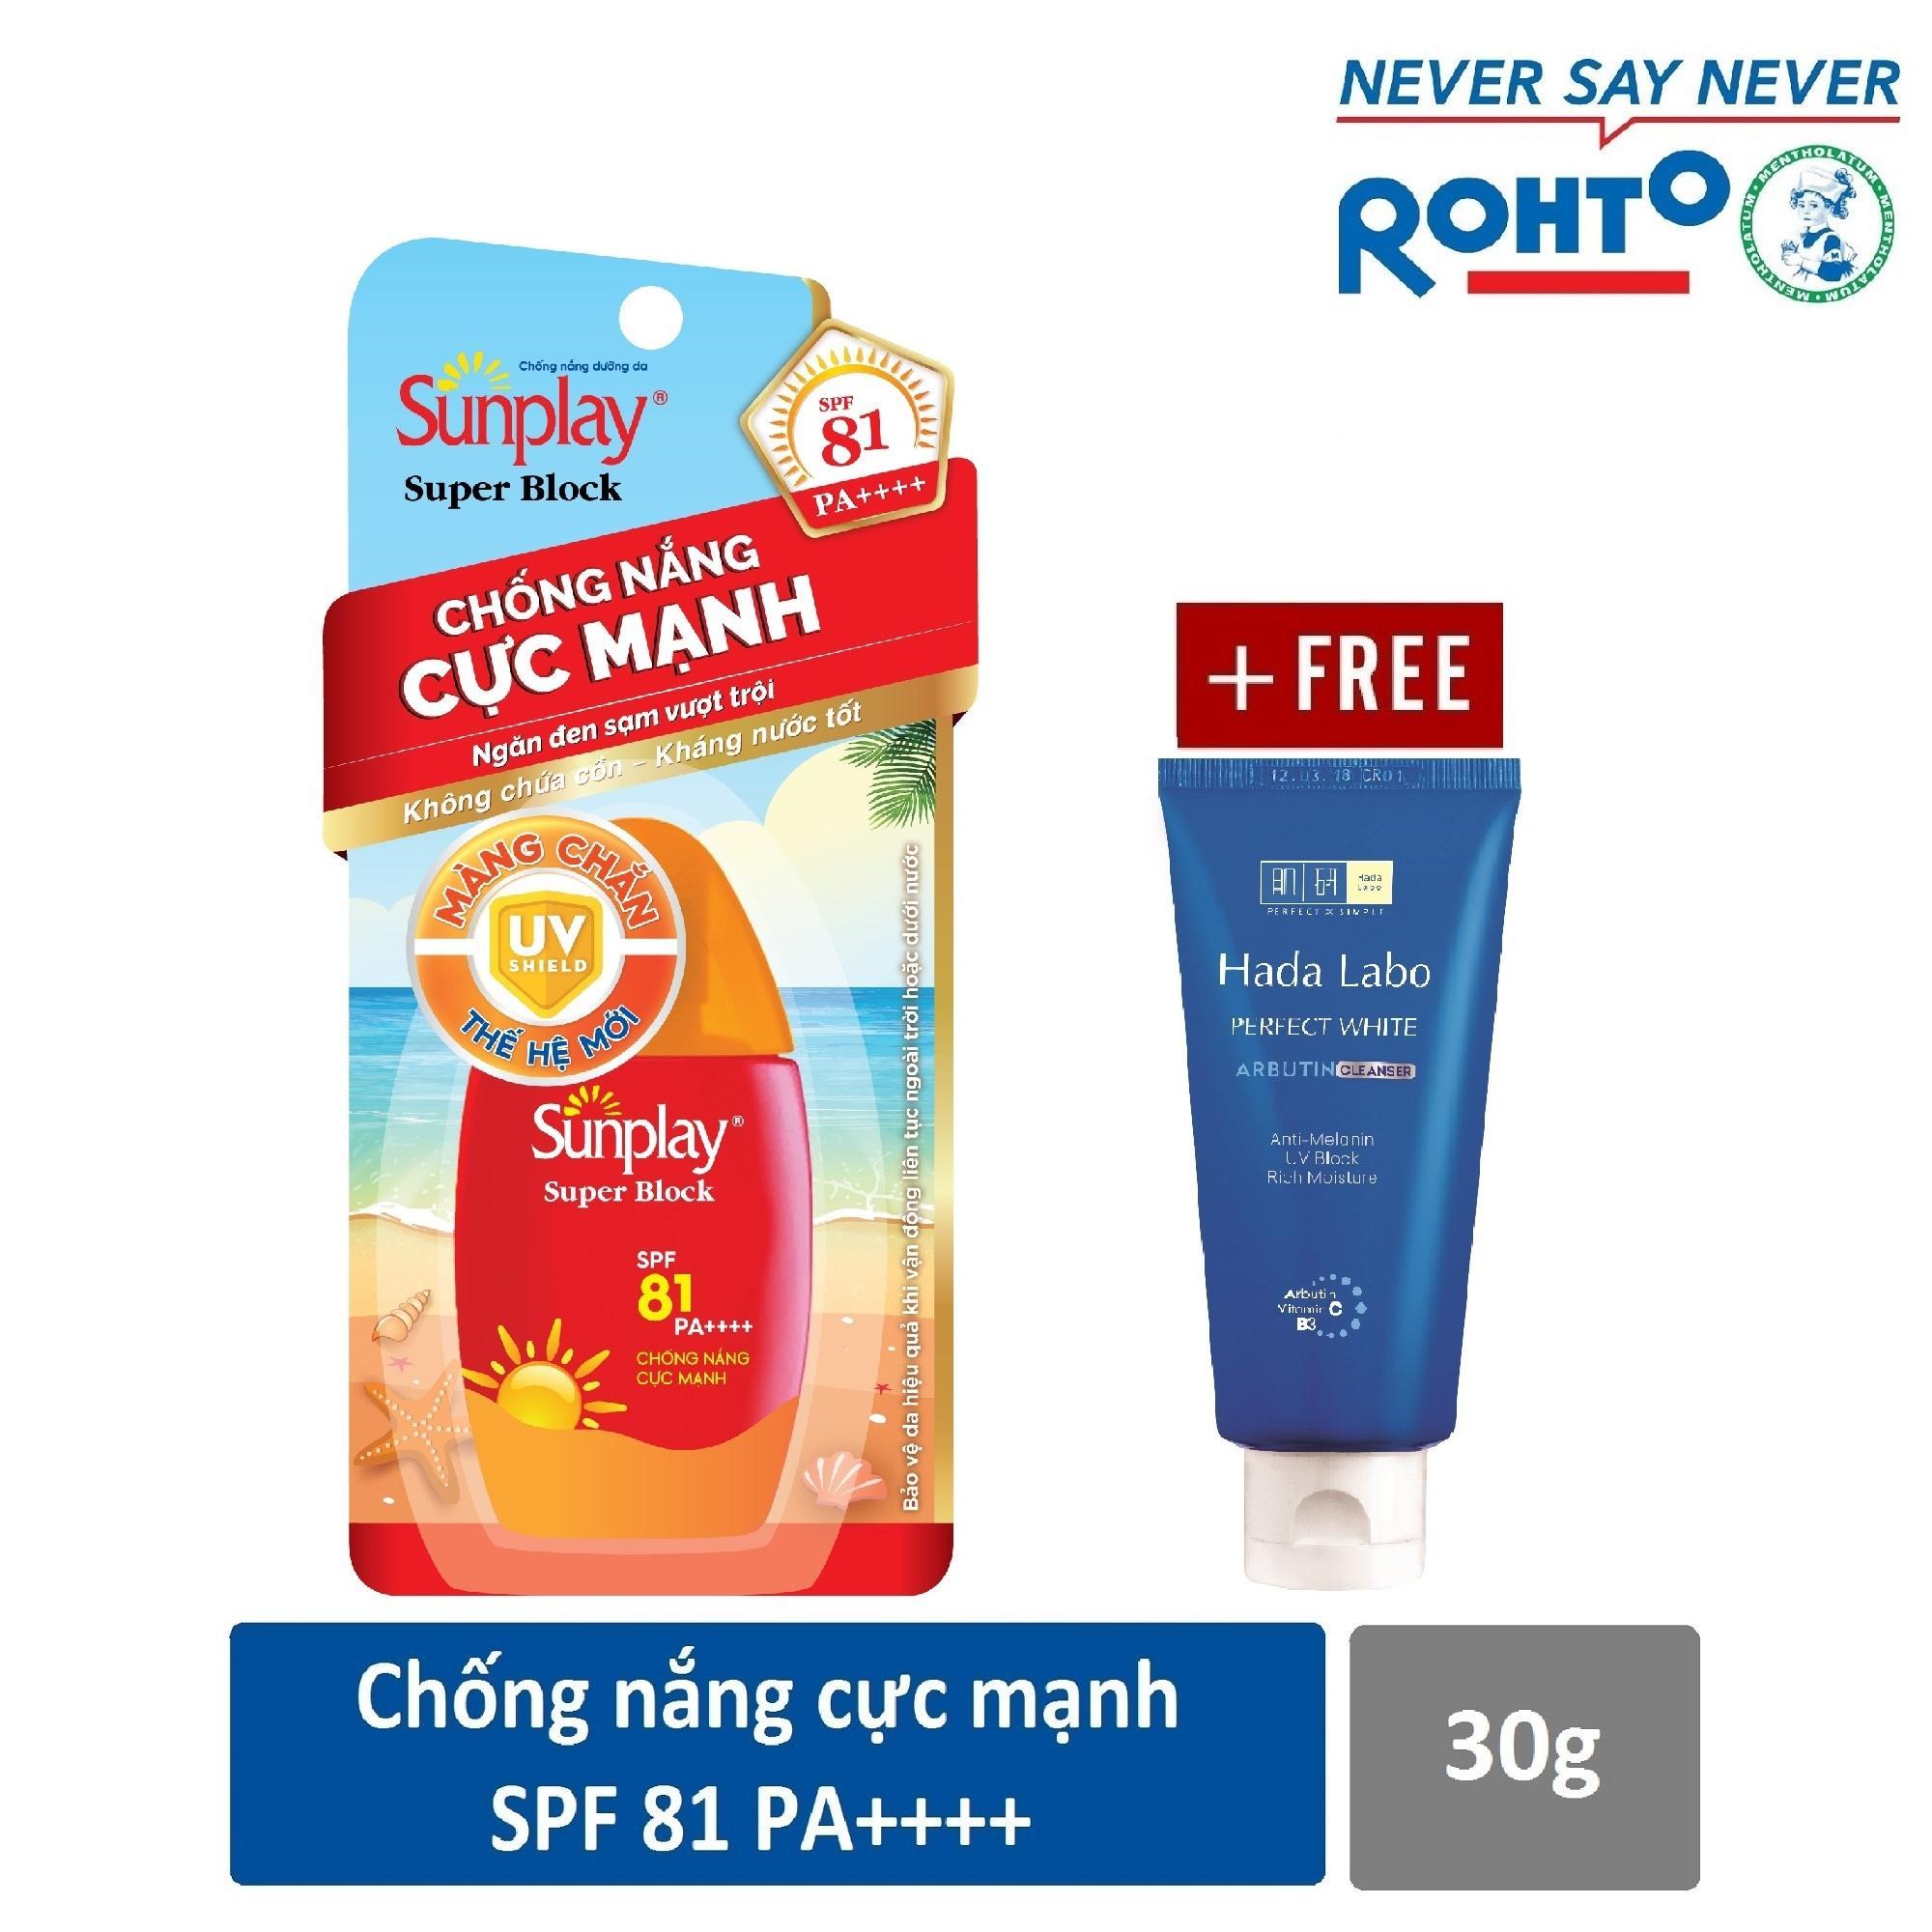 Sữa chống nắng Sunplay cực mạnh Sunplay Super Block SPF 81, PA++++ 30g + Tặng Kem rửa mặt Hada Labo 25g tốt nhất